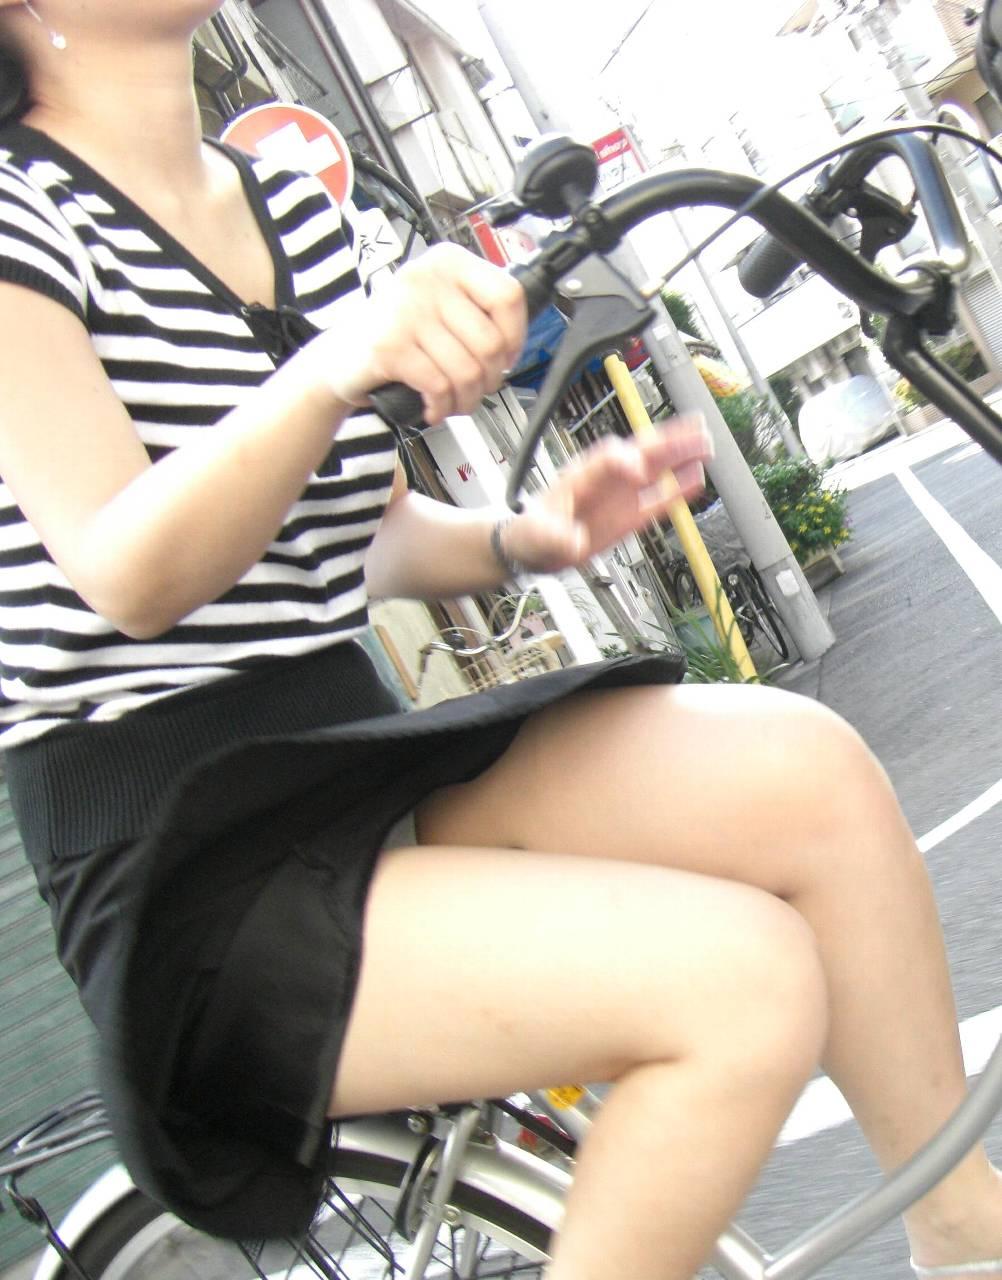 素人OLの通勤自転車でタイトミニがずり上がる露出盗撮エロ画像4枚目